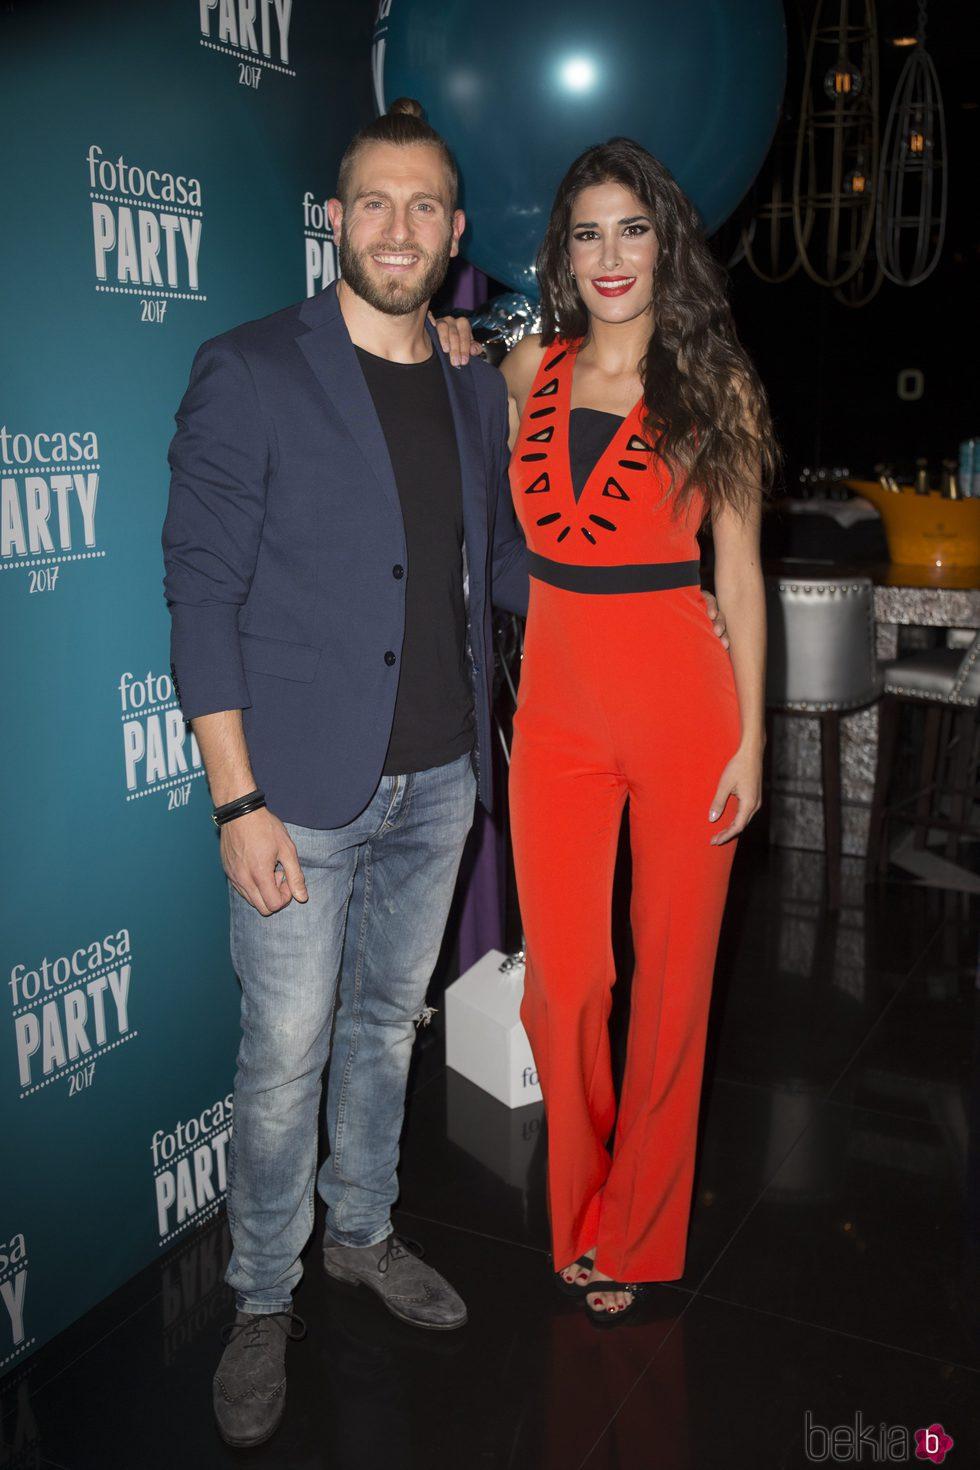 Lidia Torrent y Matías Roure durante el acto de Fotocasa Party en Madrid